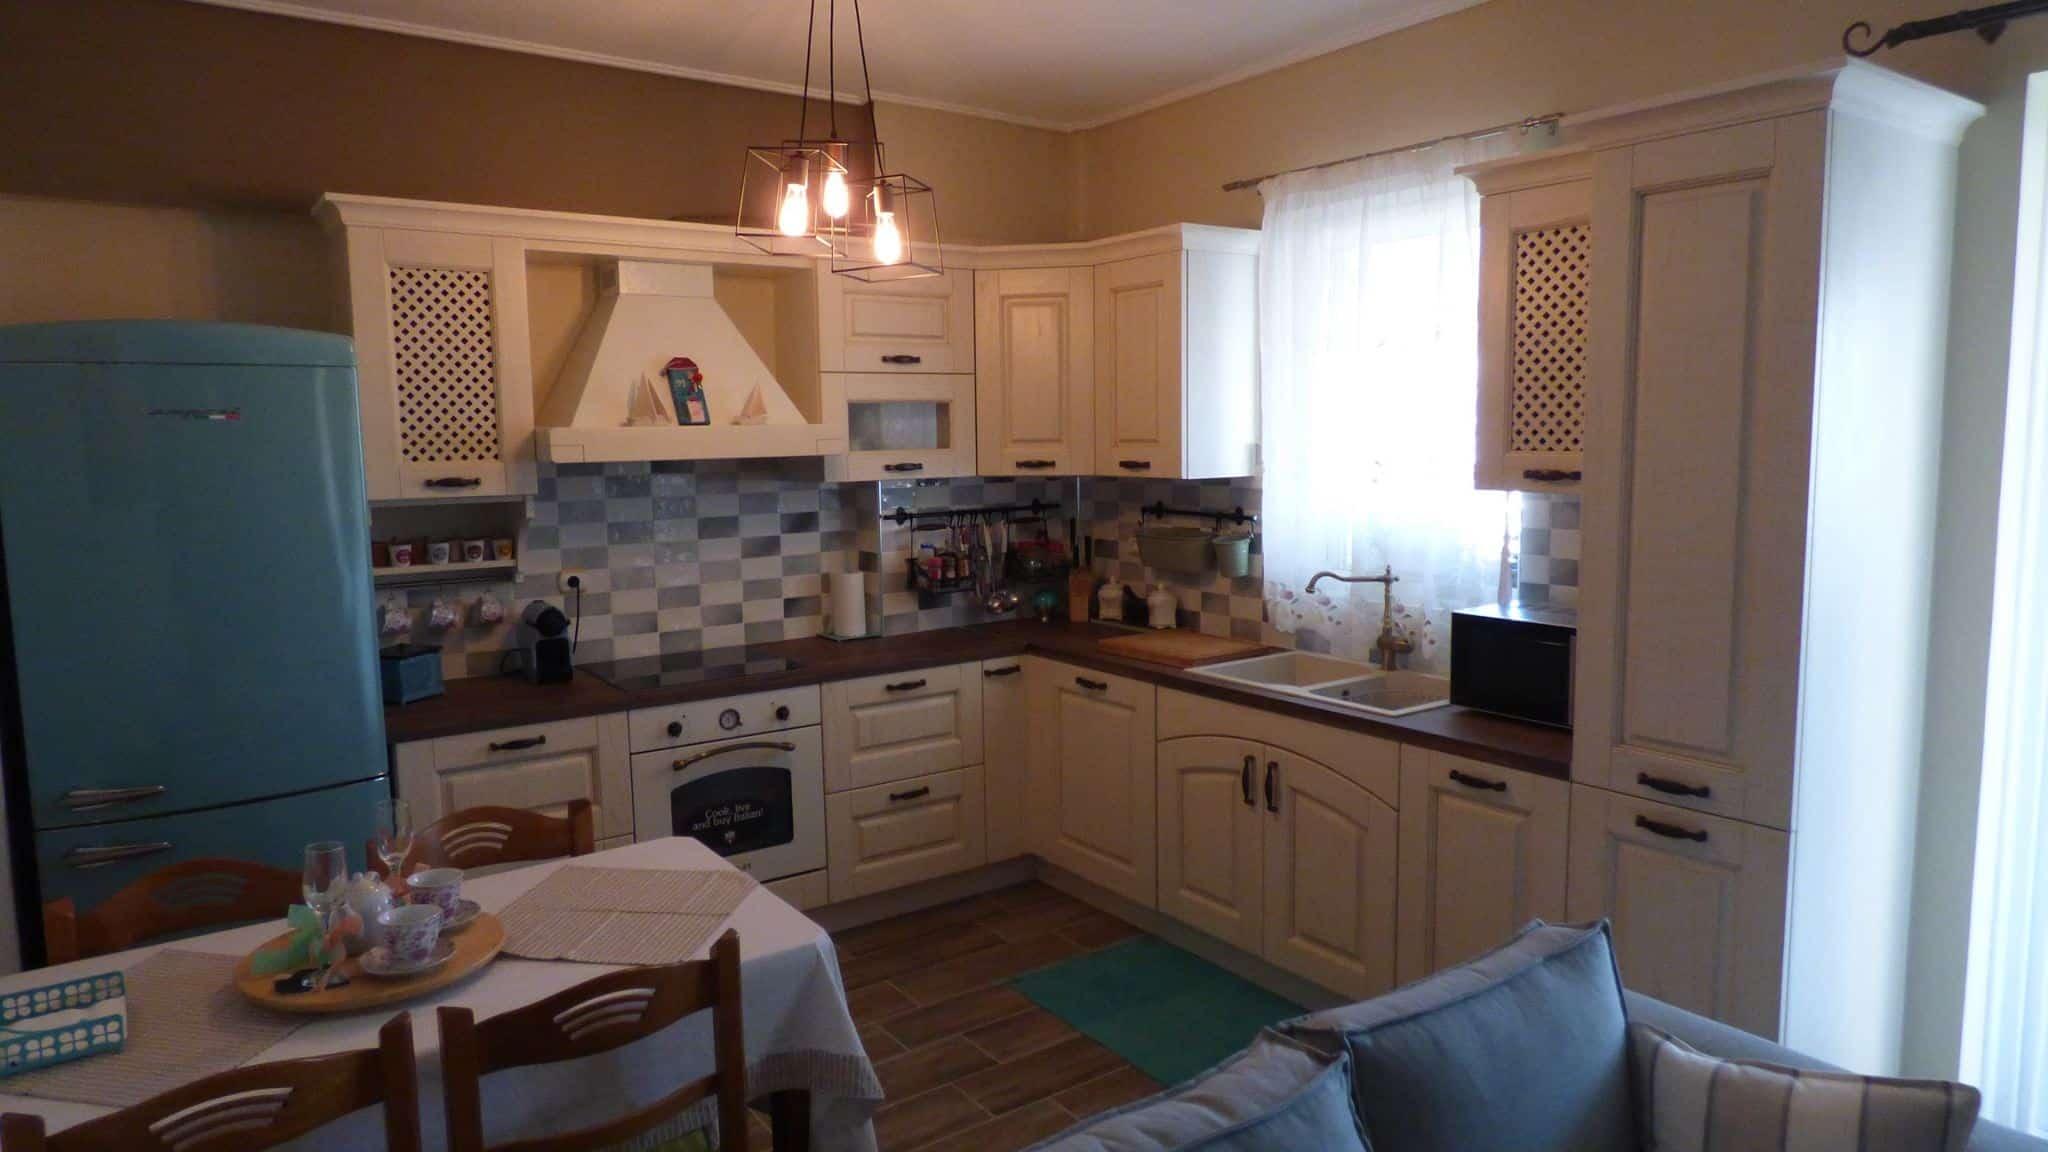 Ανακαίνιση Κουζίνας Αγ.Δημήτριος Επιπλα Κουζινας μασίφ πορτάκι Μοντέλο Olivia 4